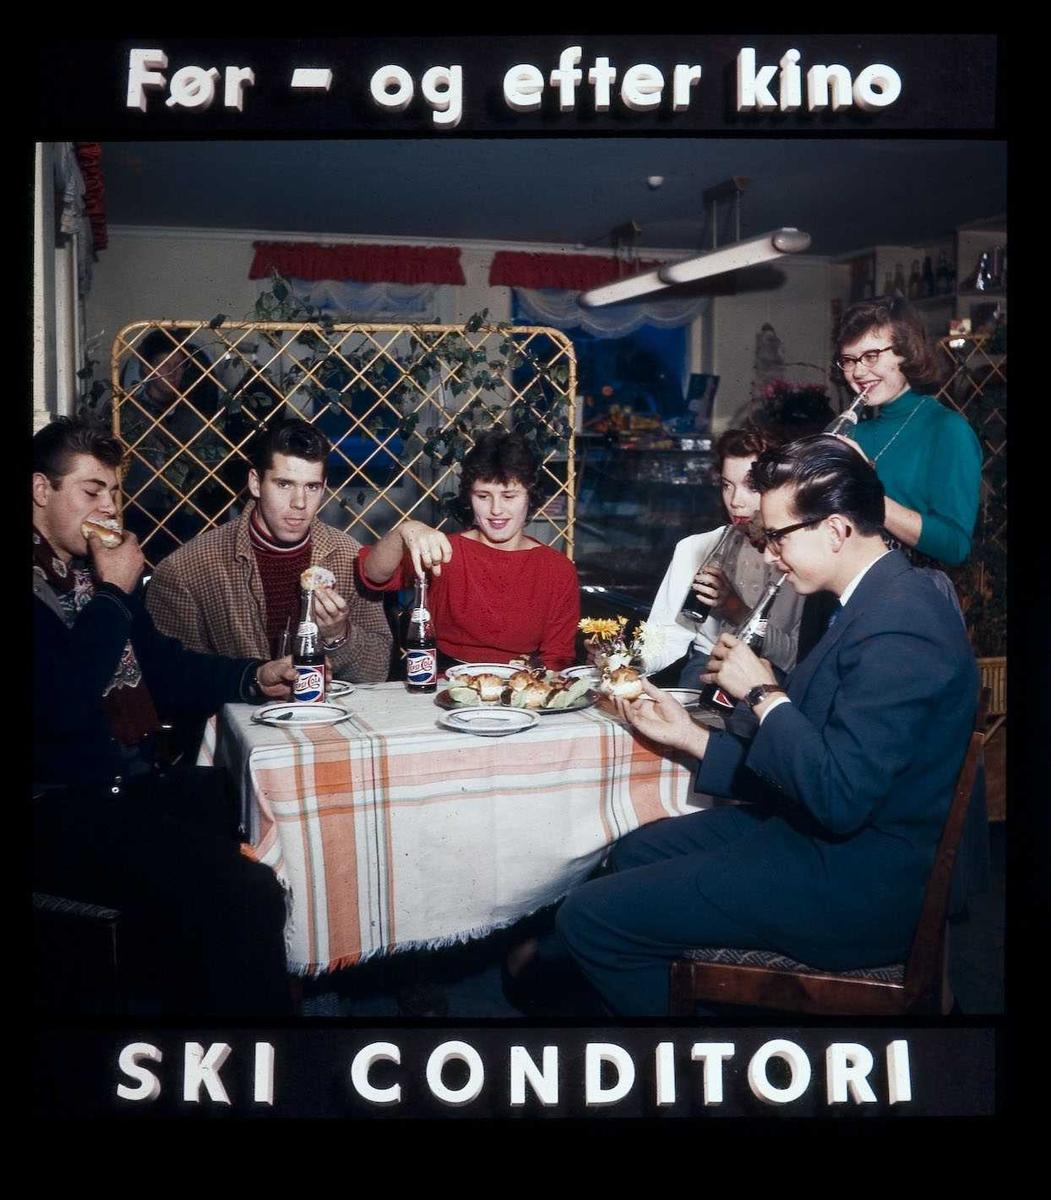 Kinoreklame fra Ski for kafebesøk. Før - og efter kino Ski Conditori.